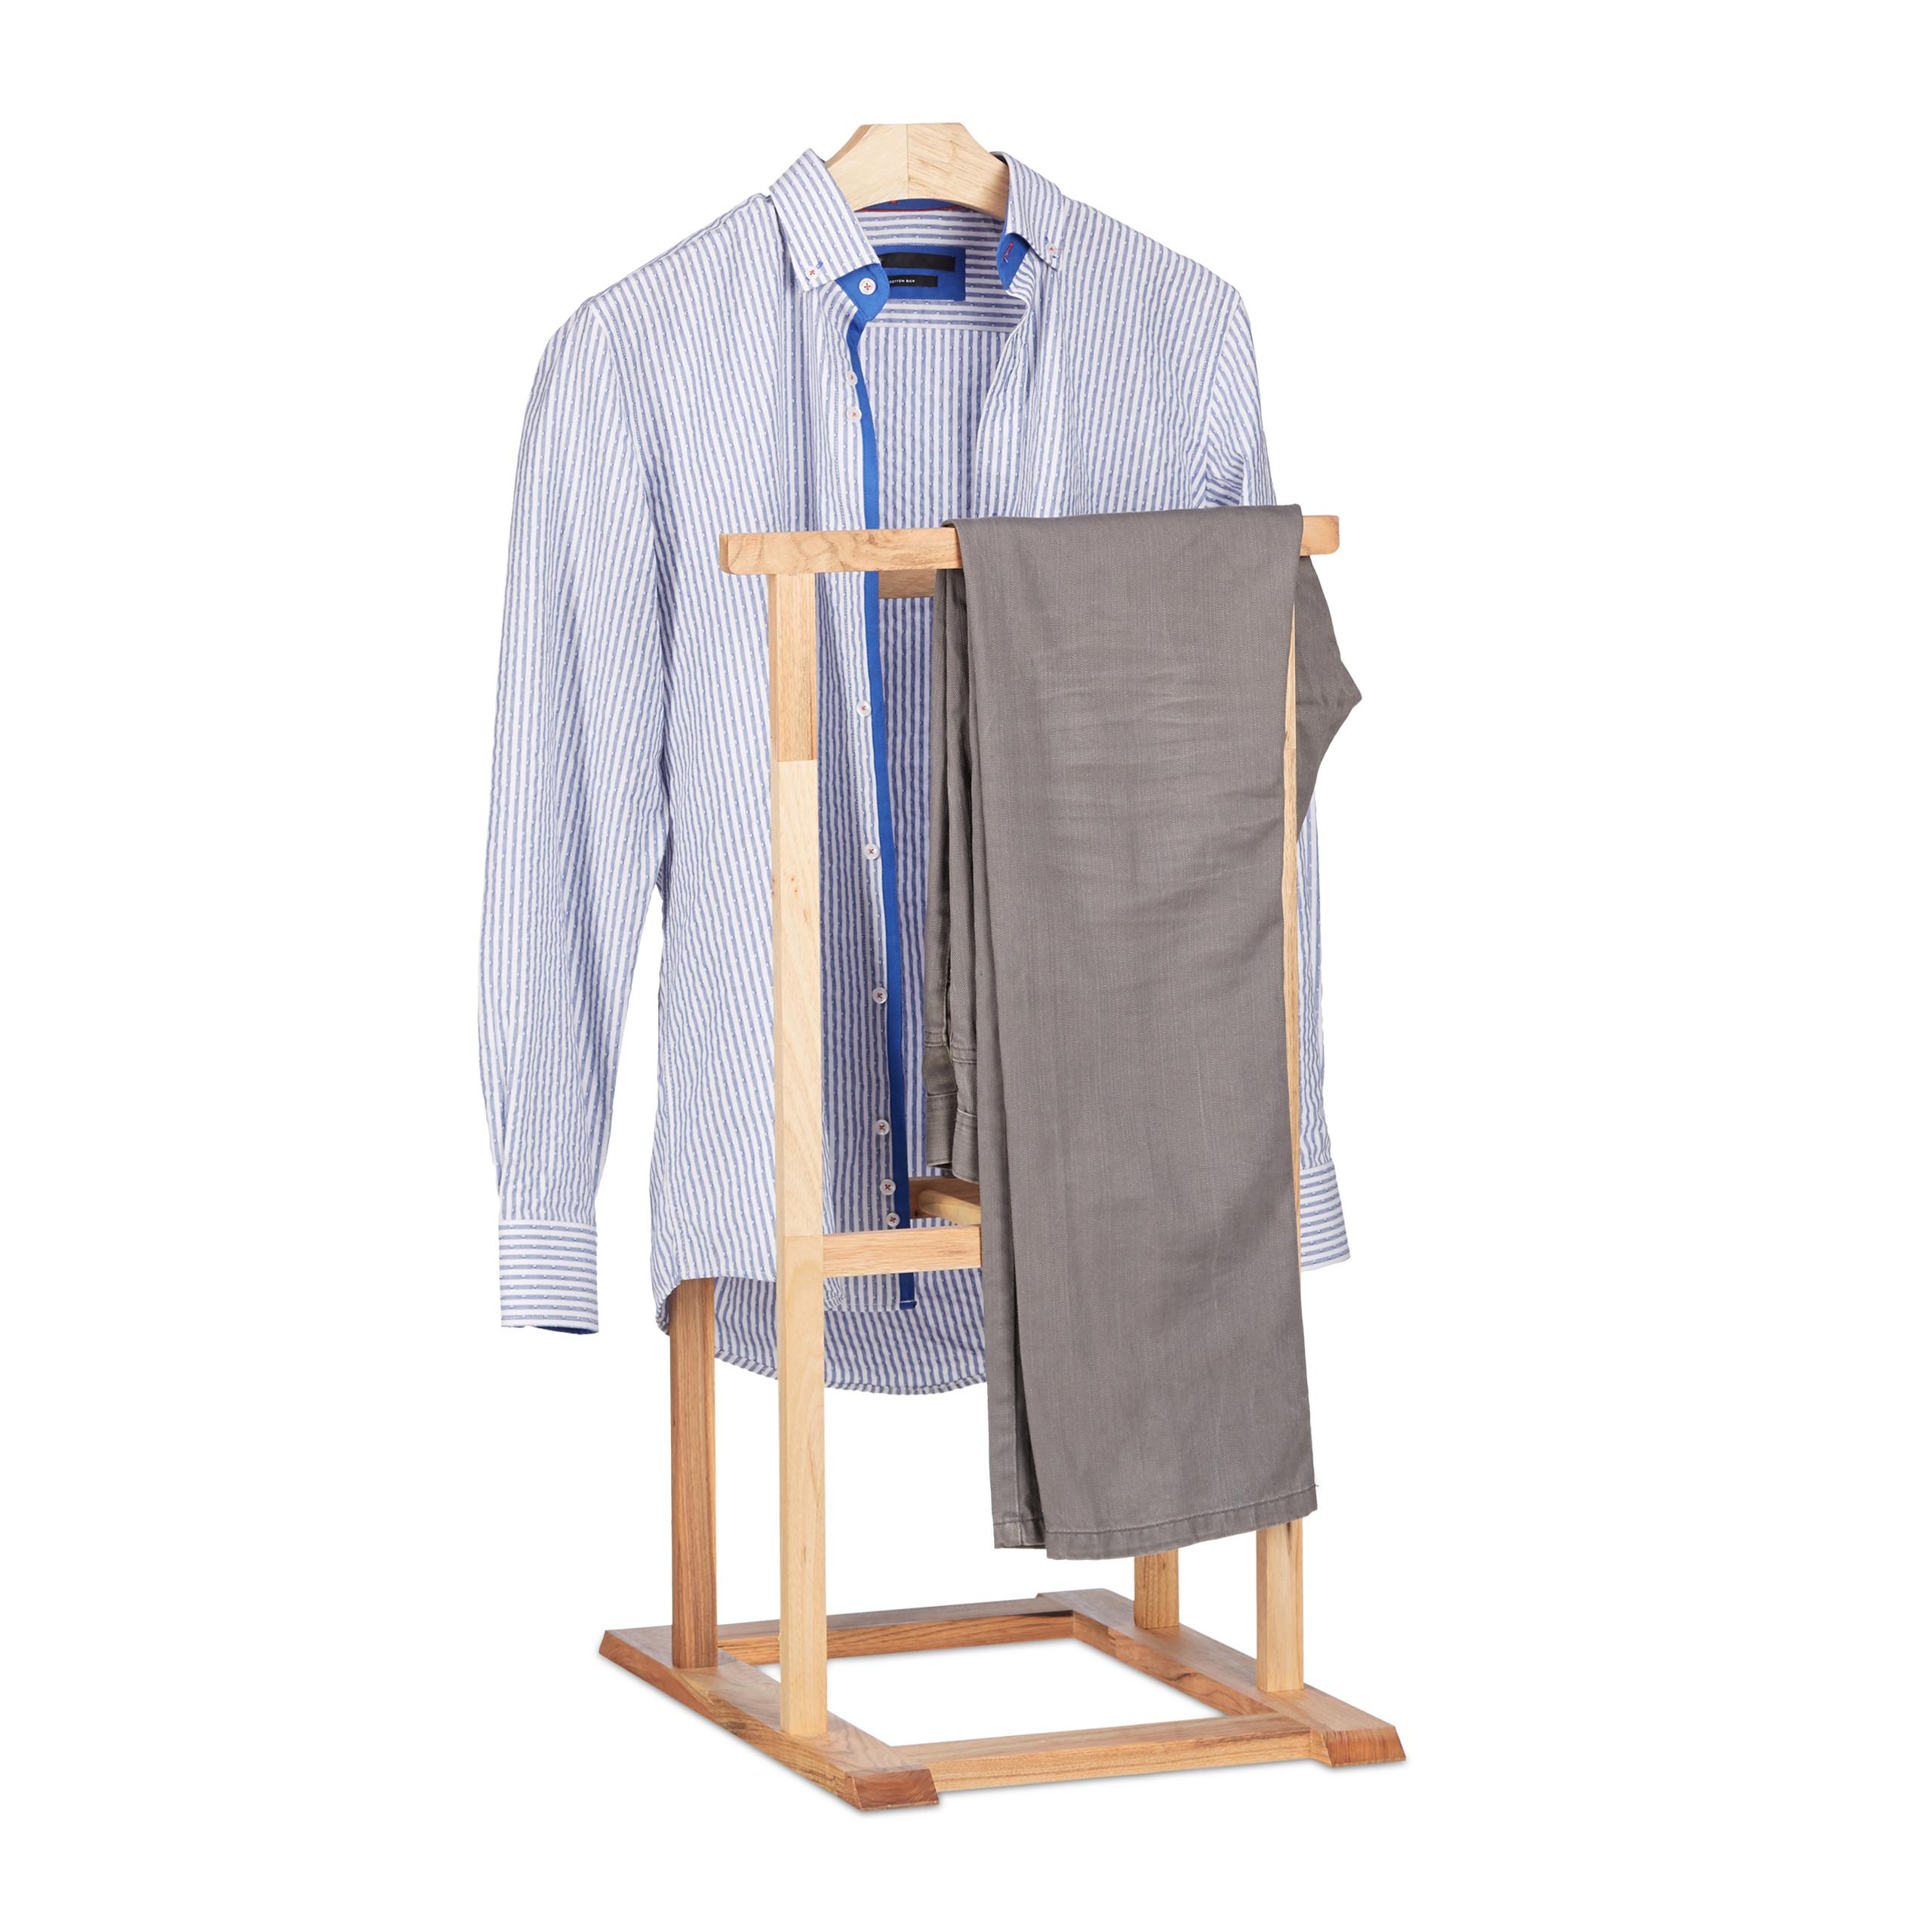 Détails sur Valet de chambre en bois de noyer porte-vêtements sur pied  pantalon valet nuit